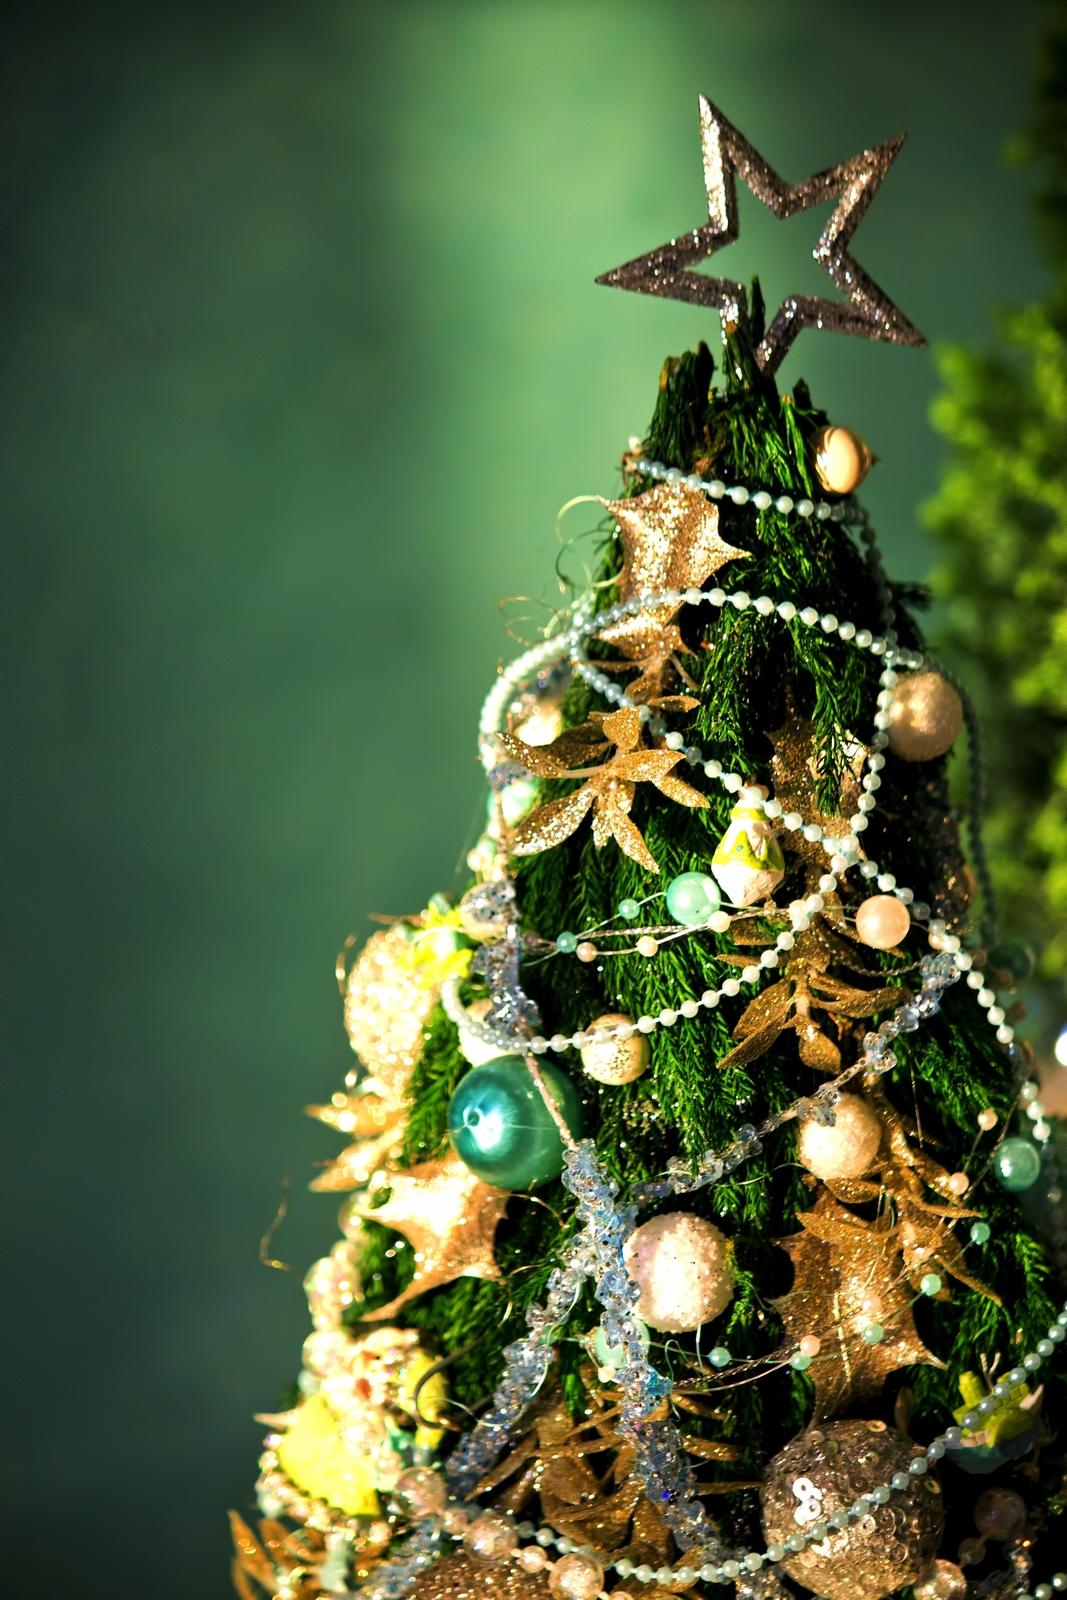 クリスマスの飾りつけはいつからいつまで?部屋や庭や玄関を飾る時期は!